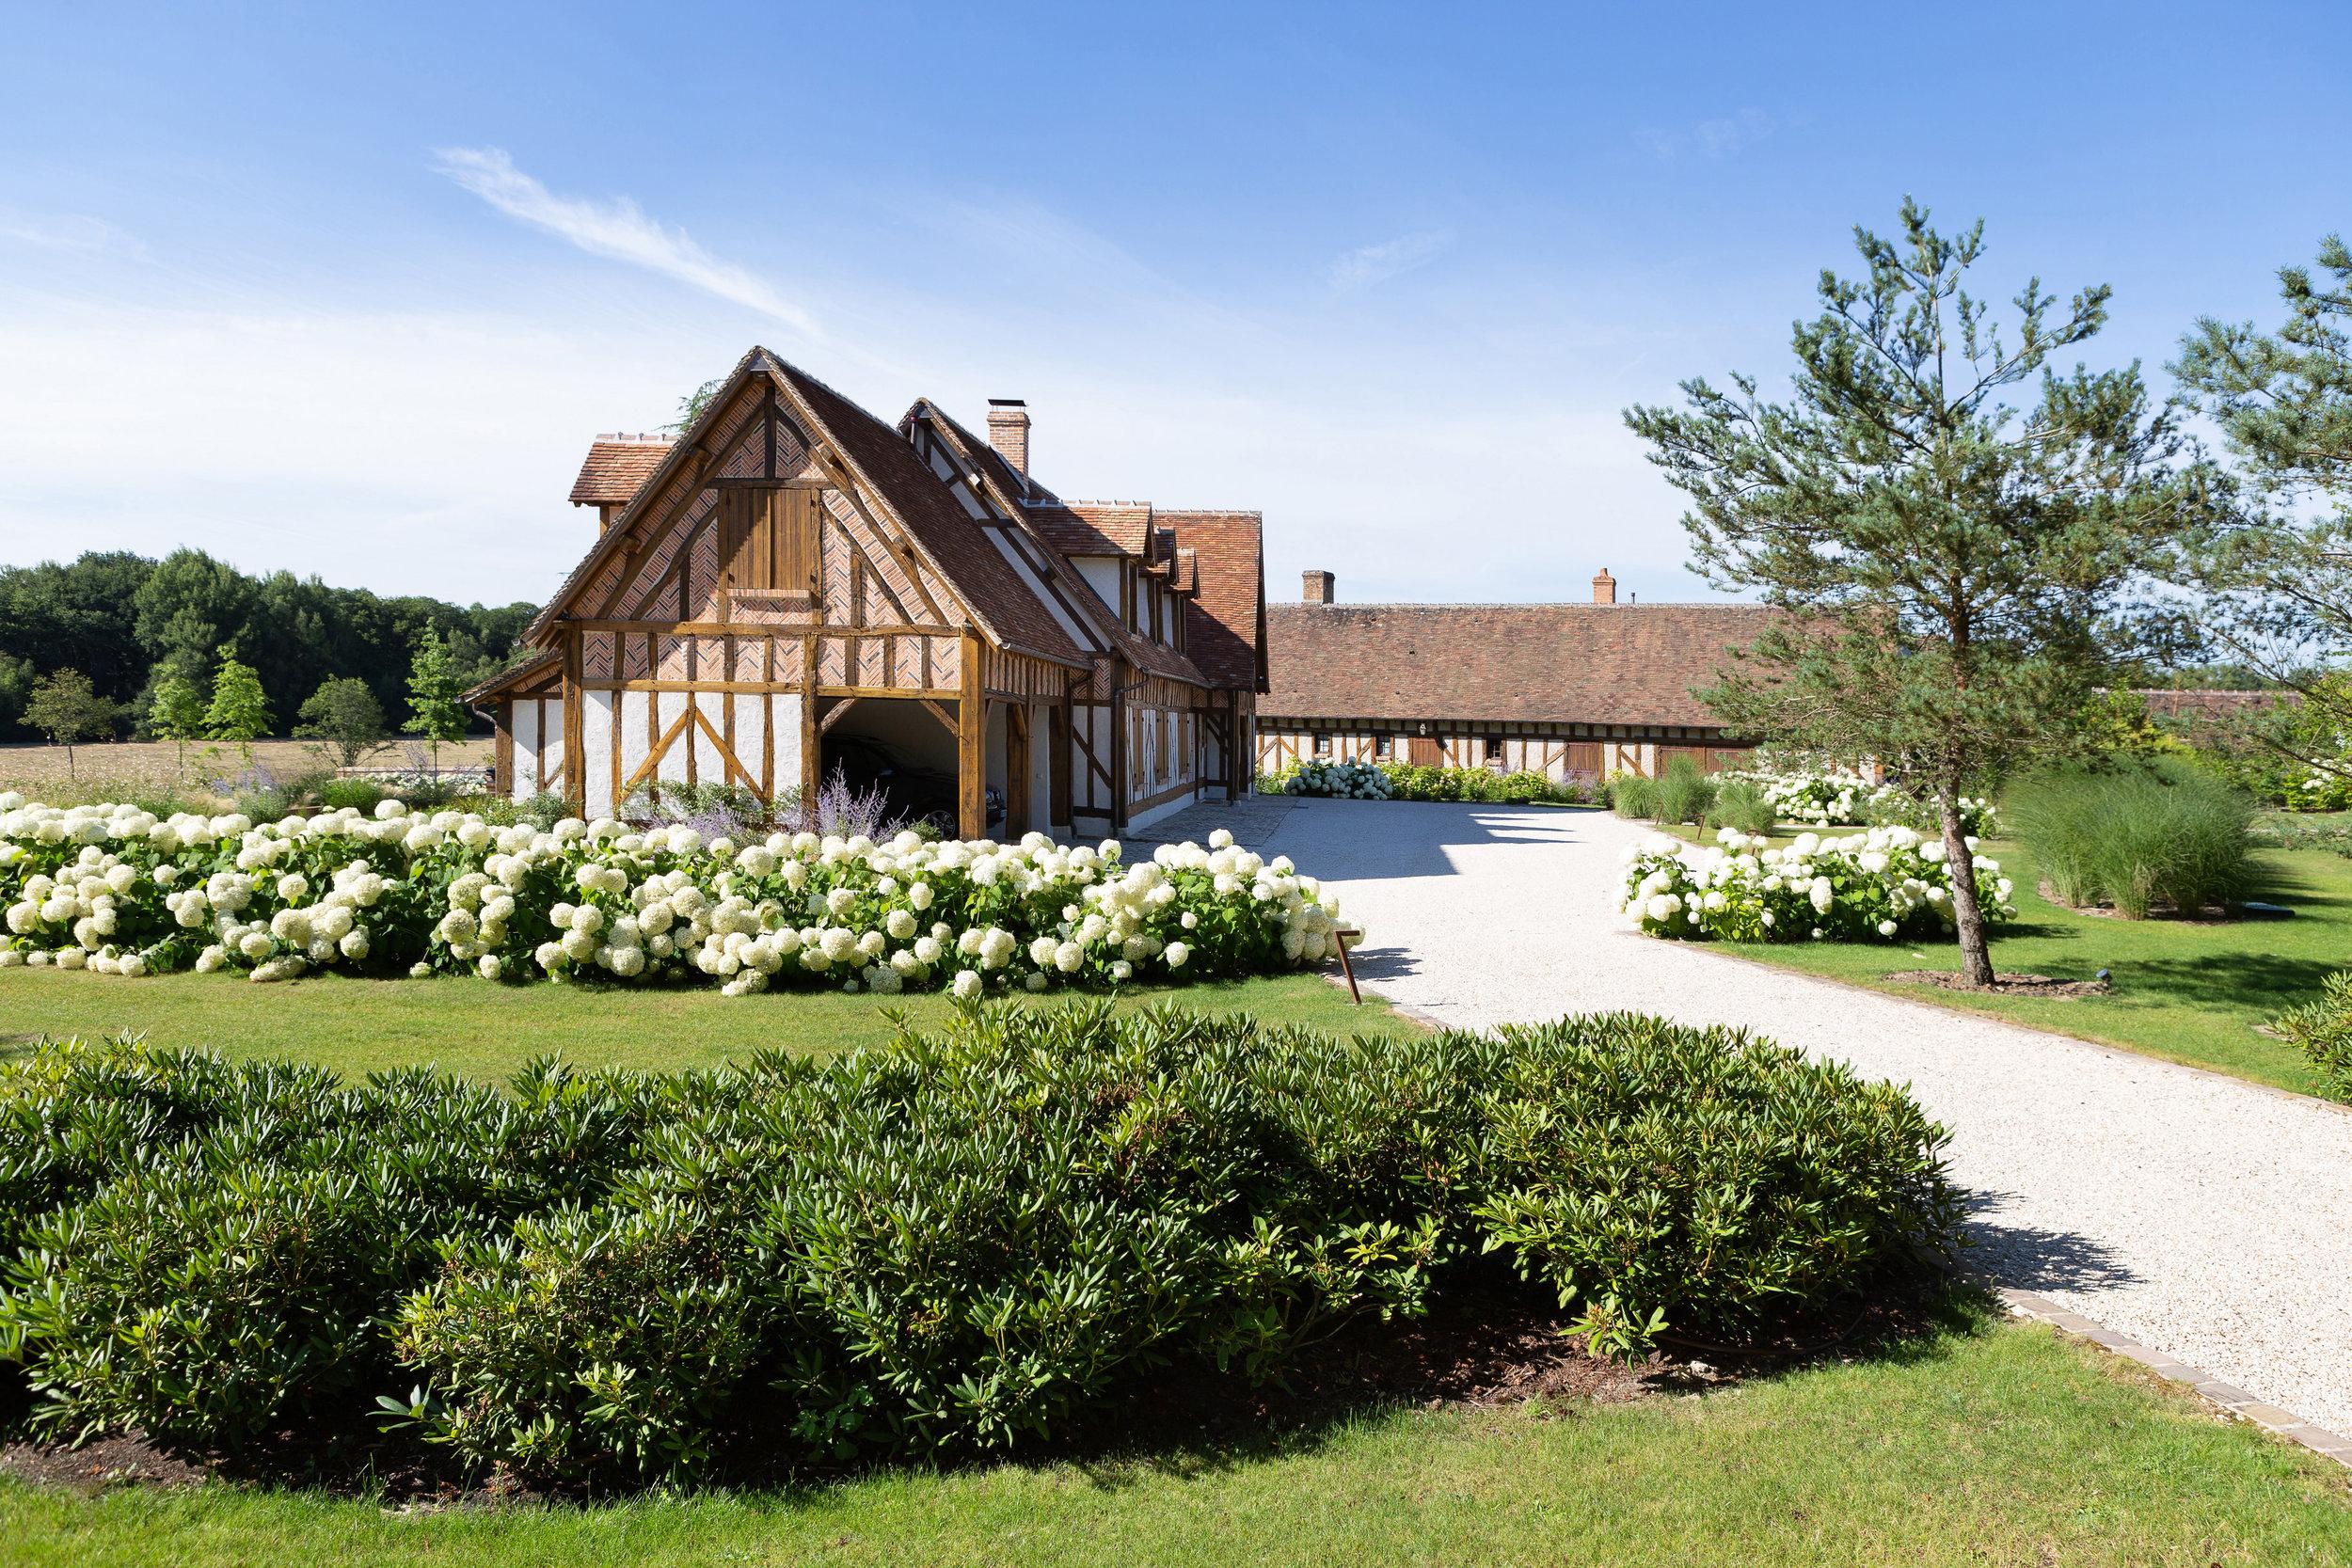 vouzon_private_garden_terraces_gardens_christophe_gautrand_landscape_outdoor_designer_3.jpg